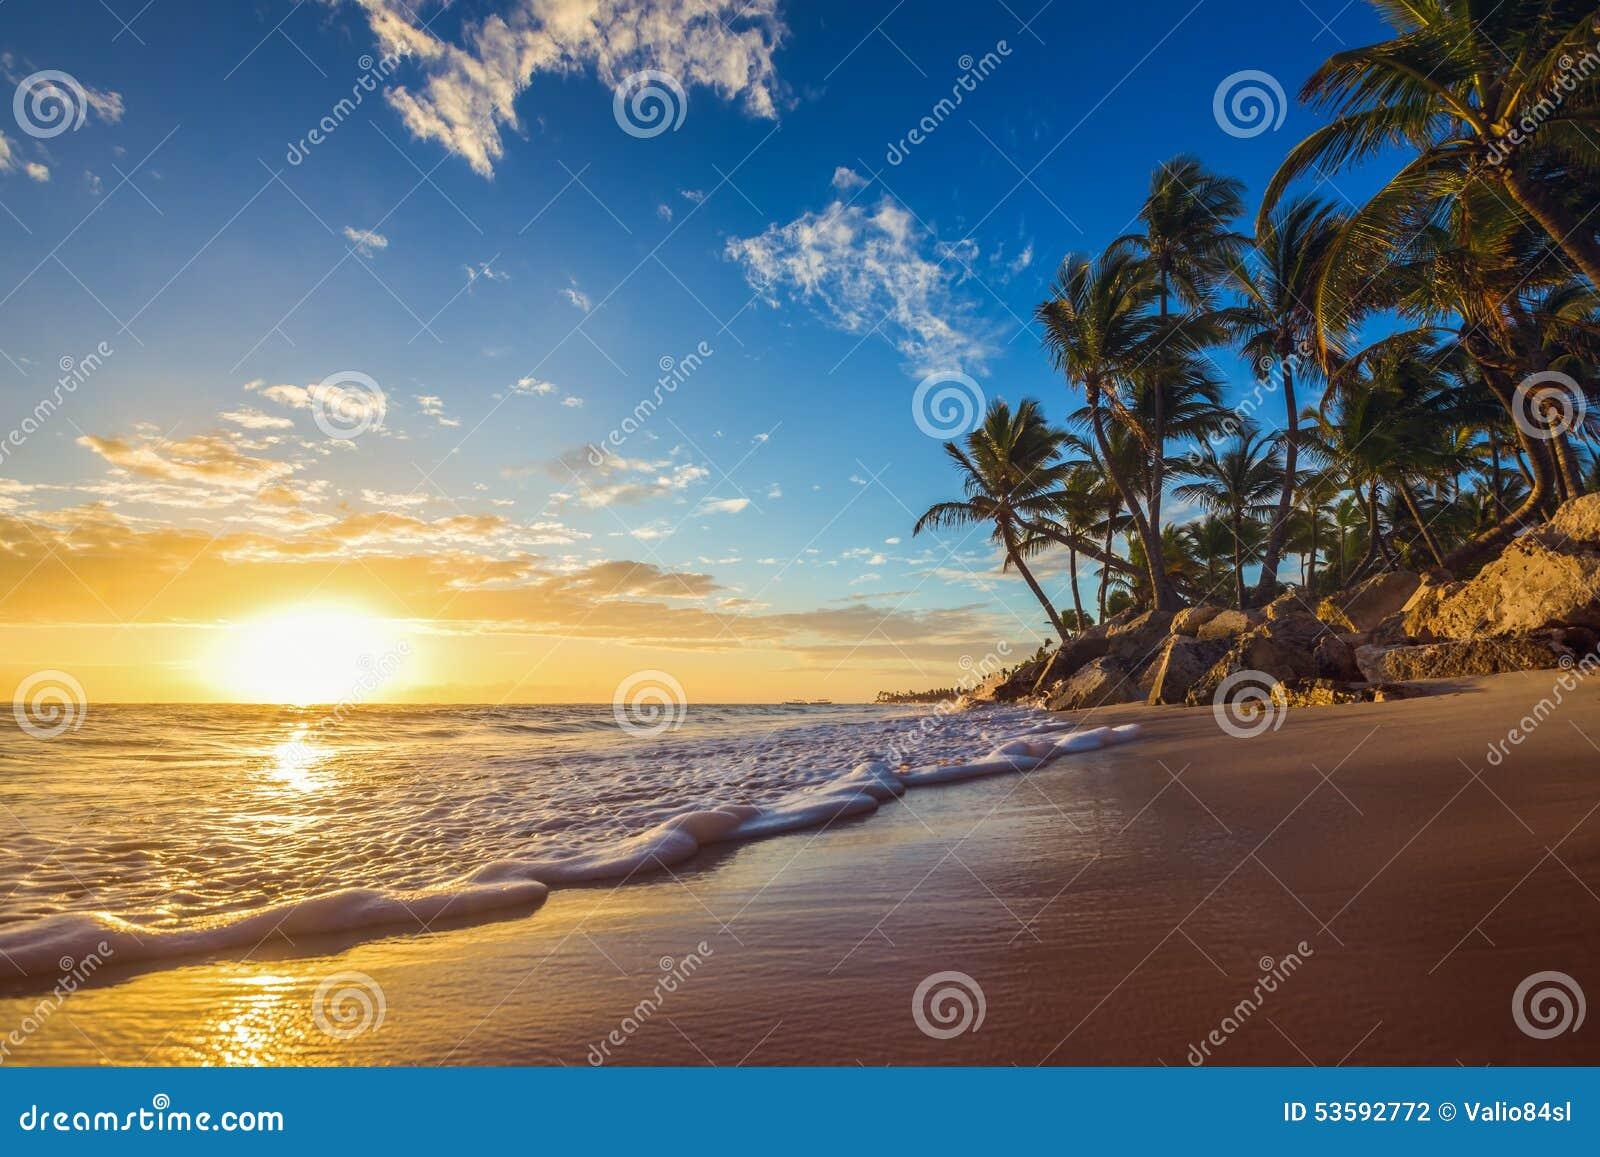 Landschap van strand van het paradijs het tropische eiland, zonsopgangschot